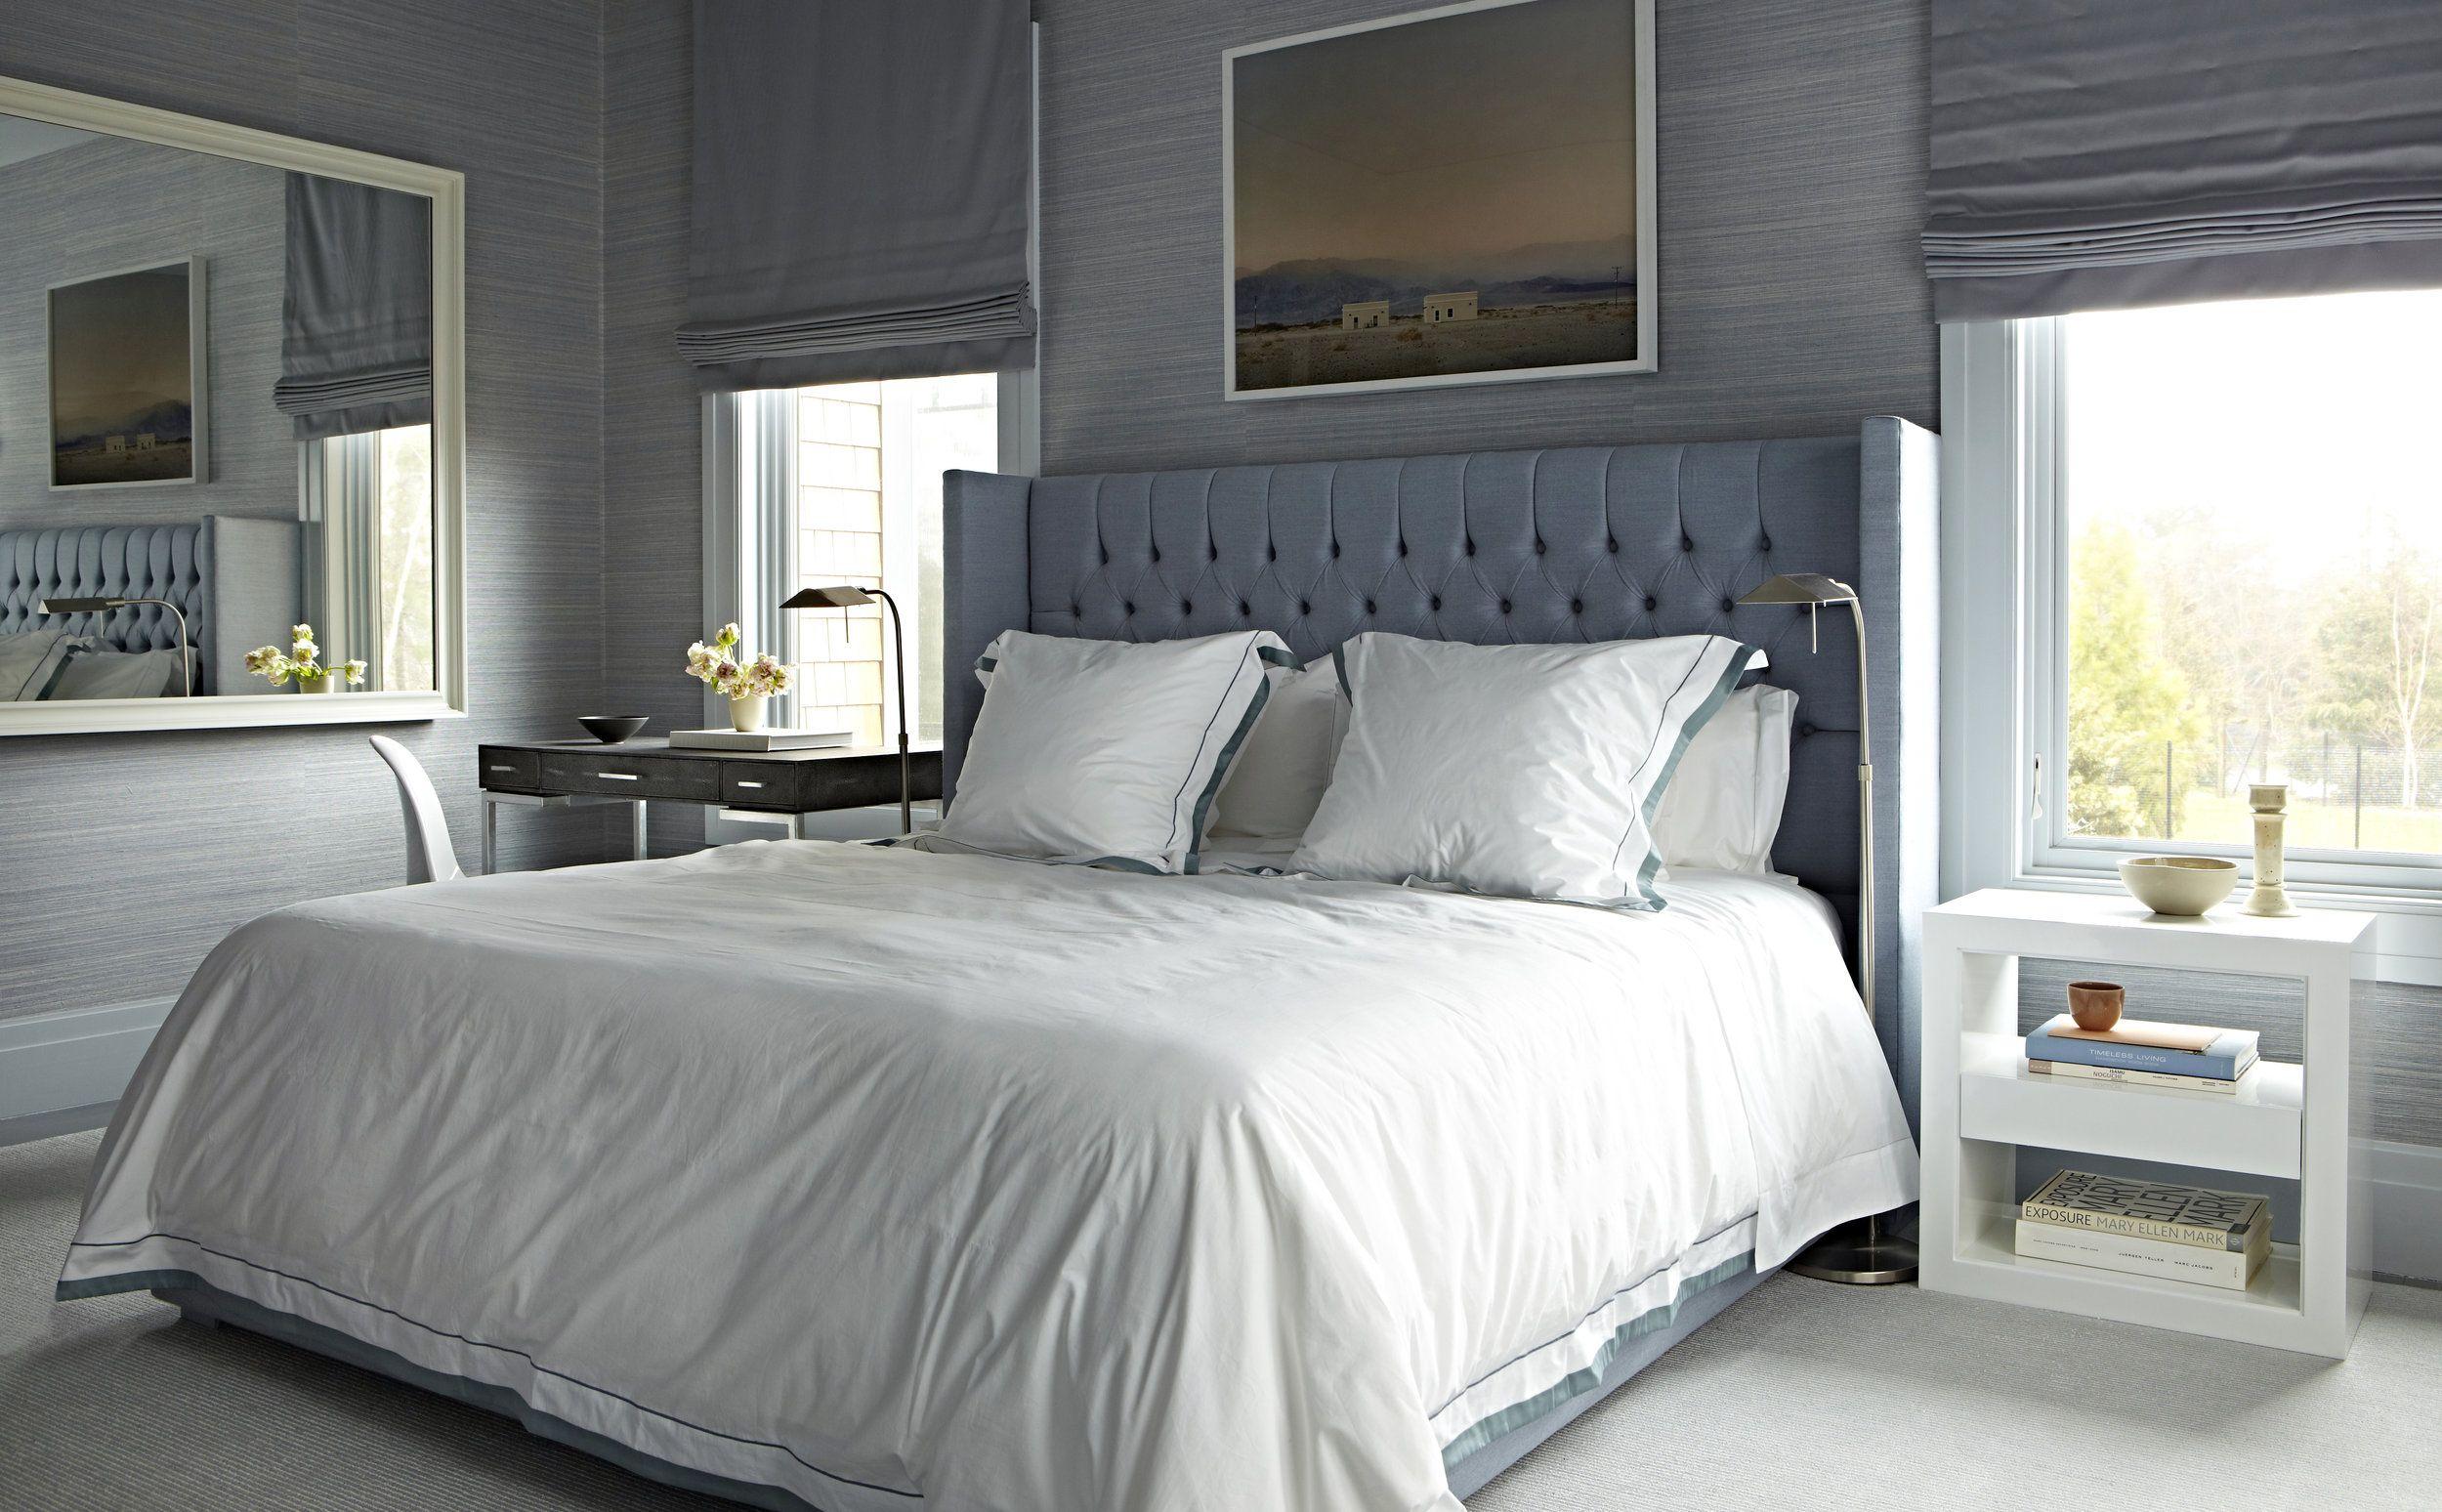 QUOGUE Bedrooms Guest bedroom design, Guest bedroom